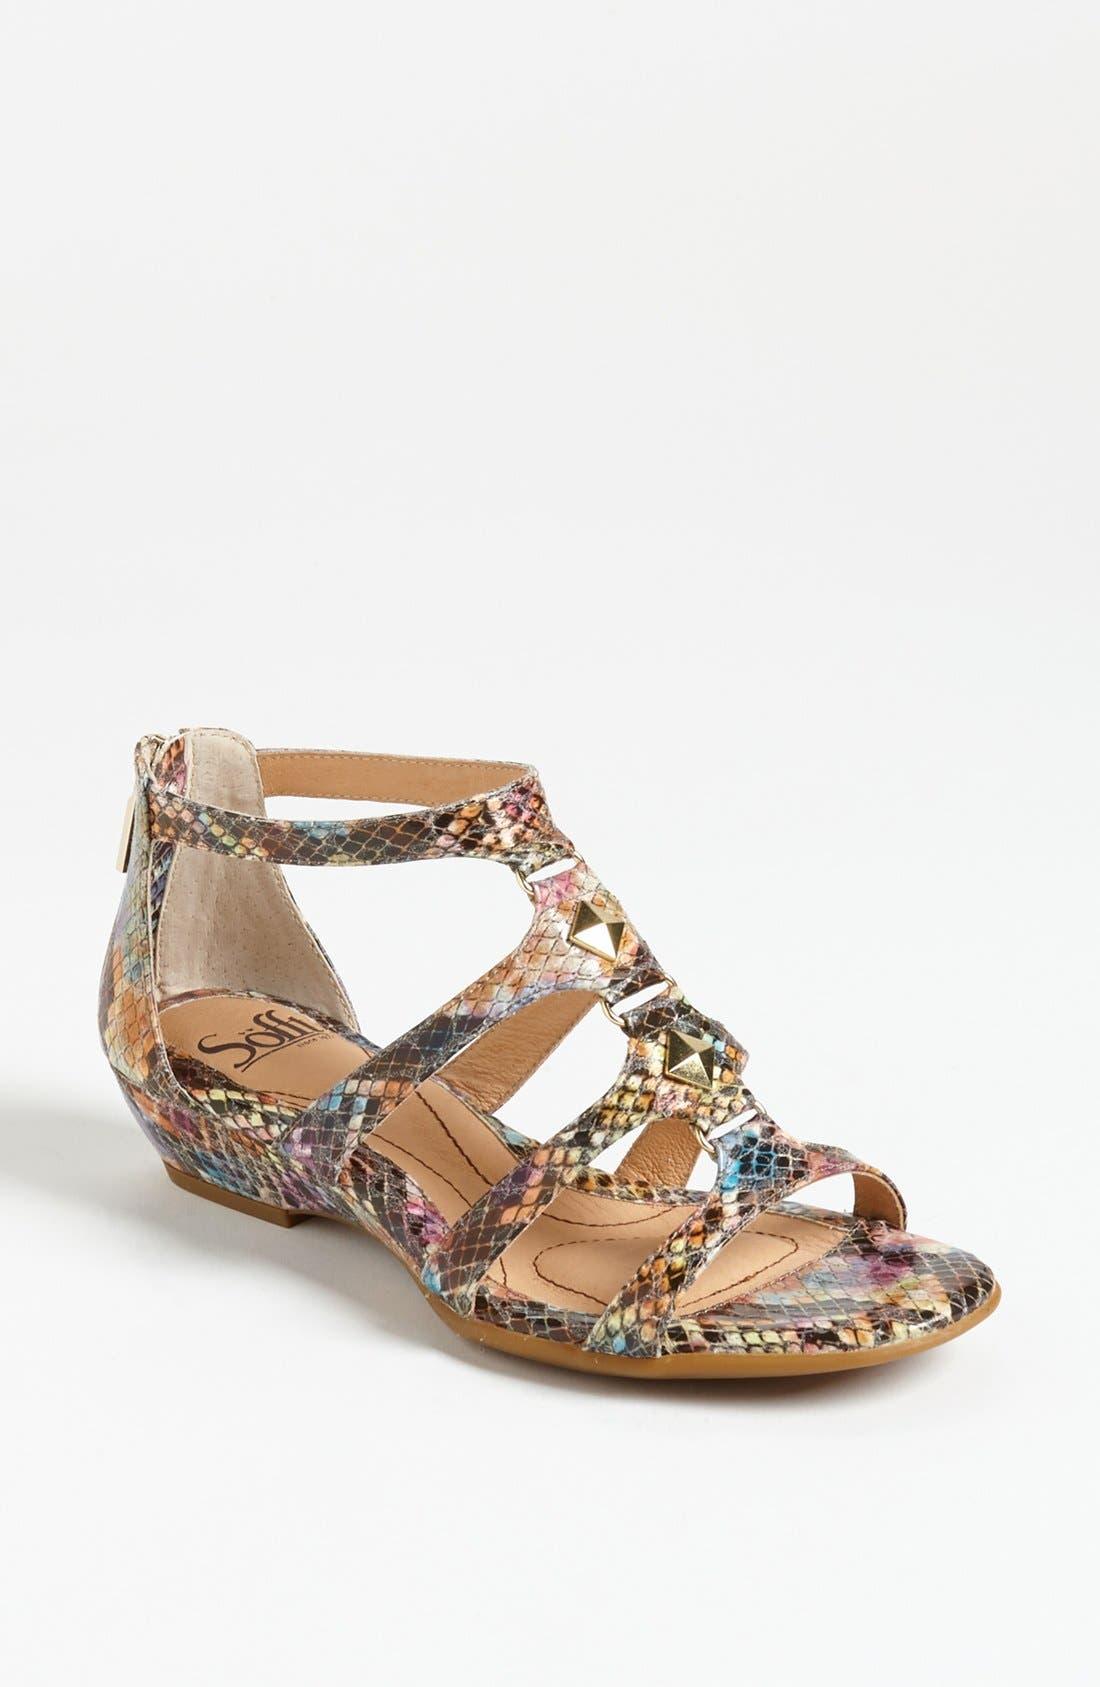 Main Image - Söfft 'Brilynn' Sandal